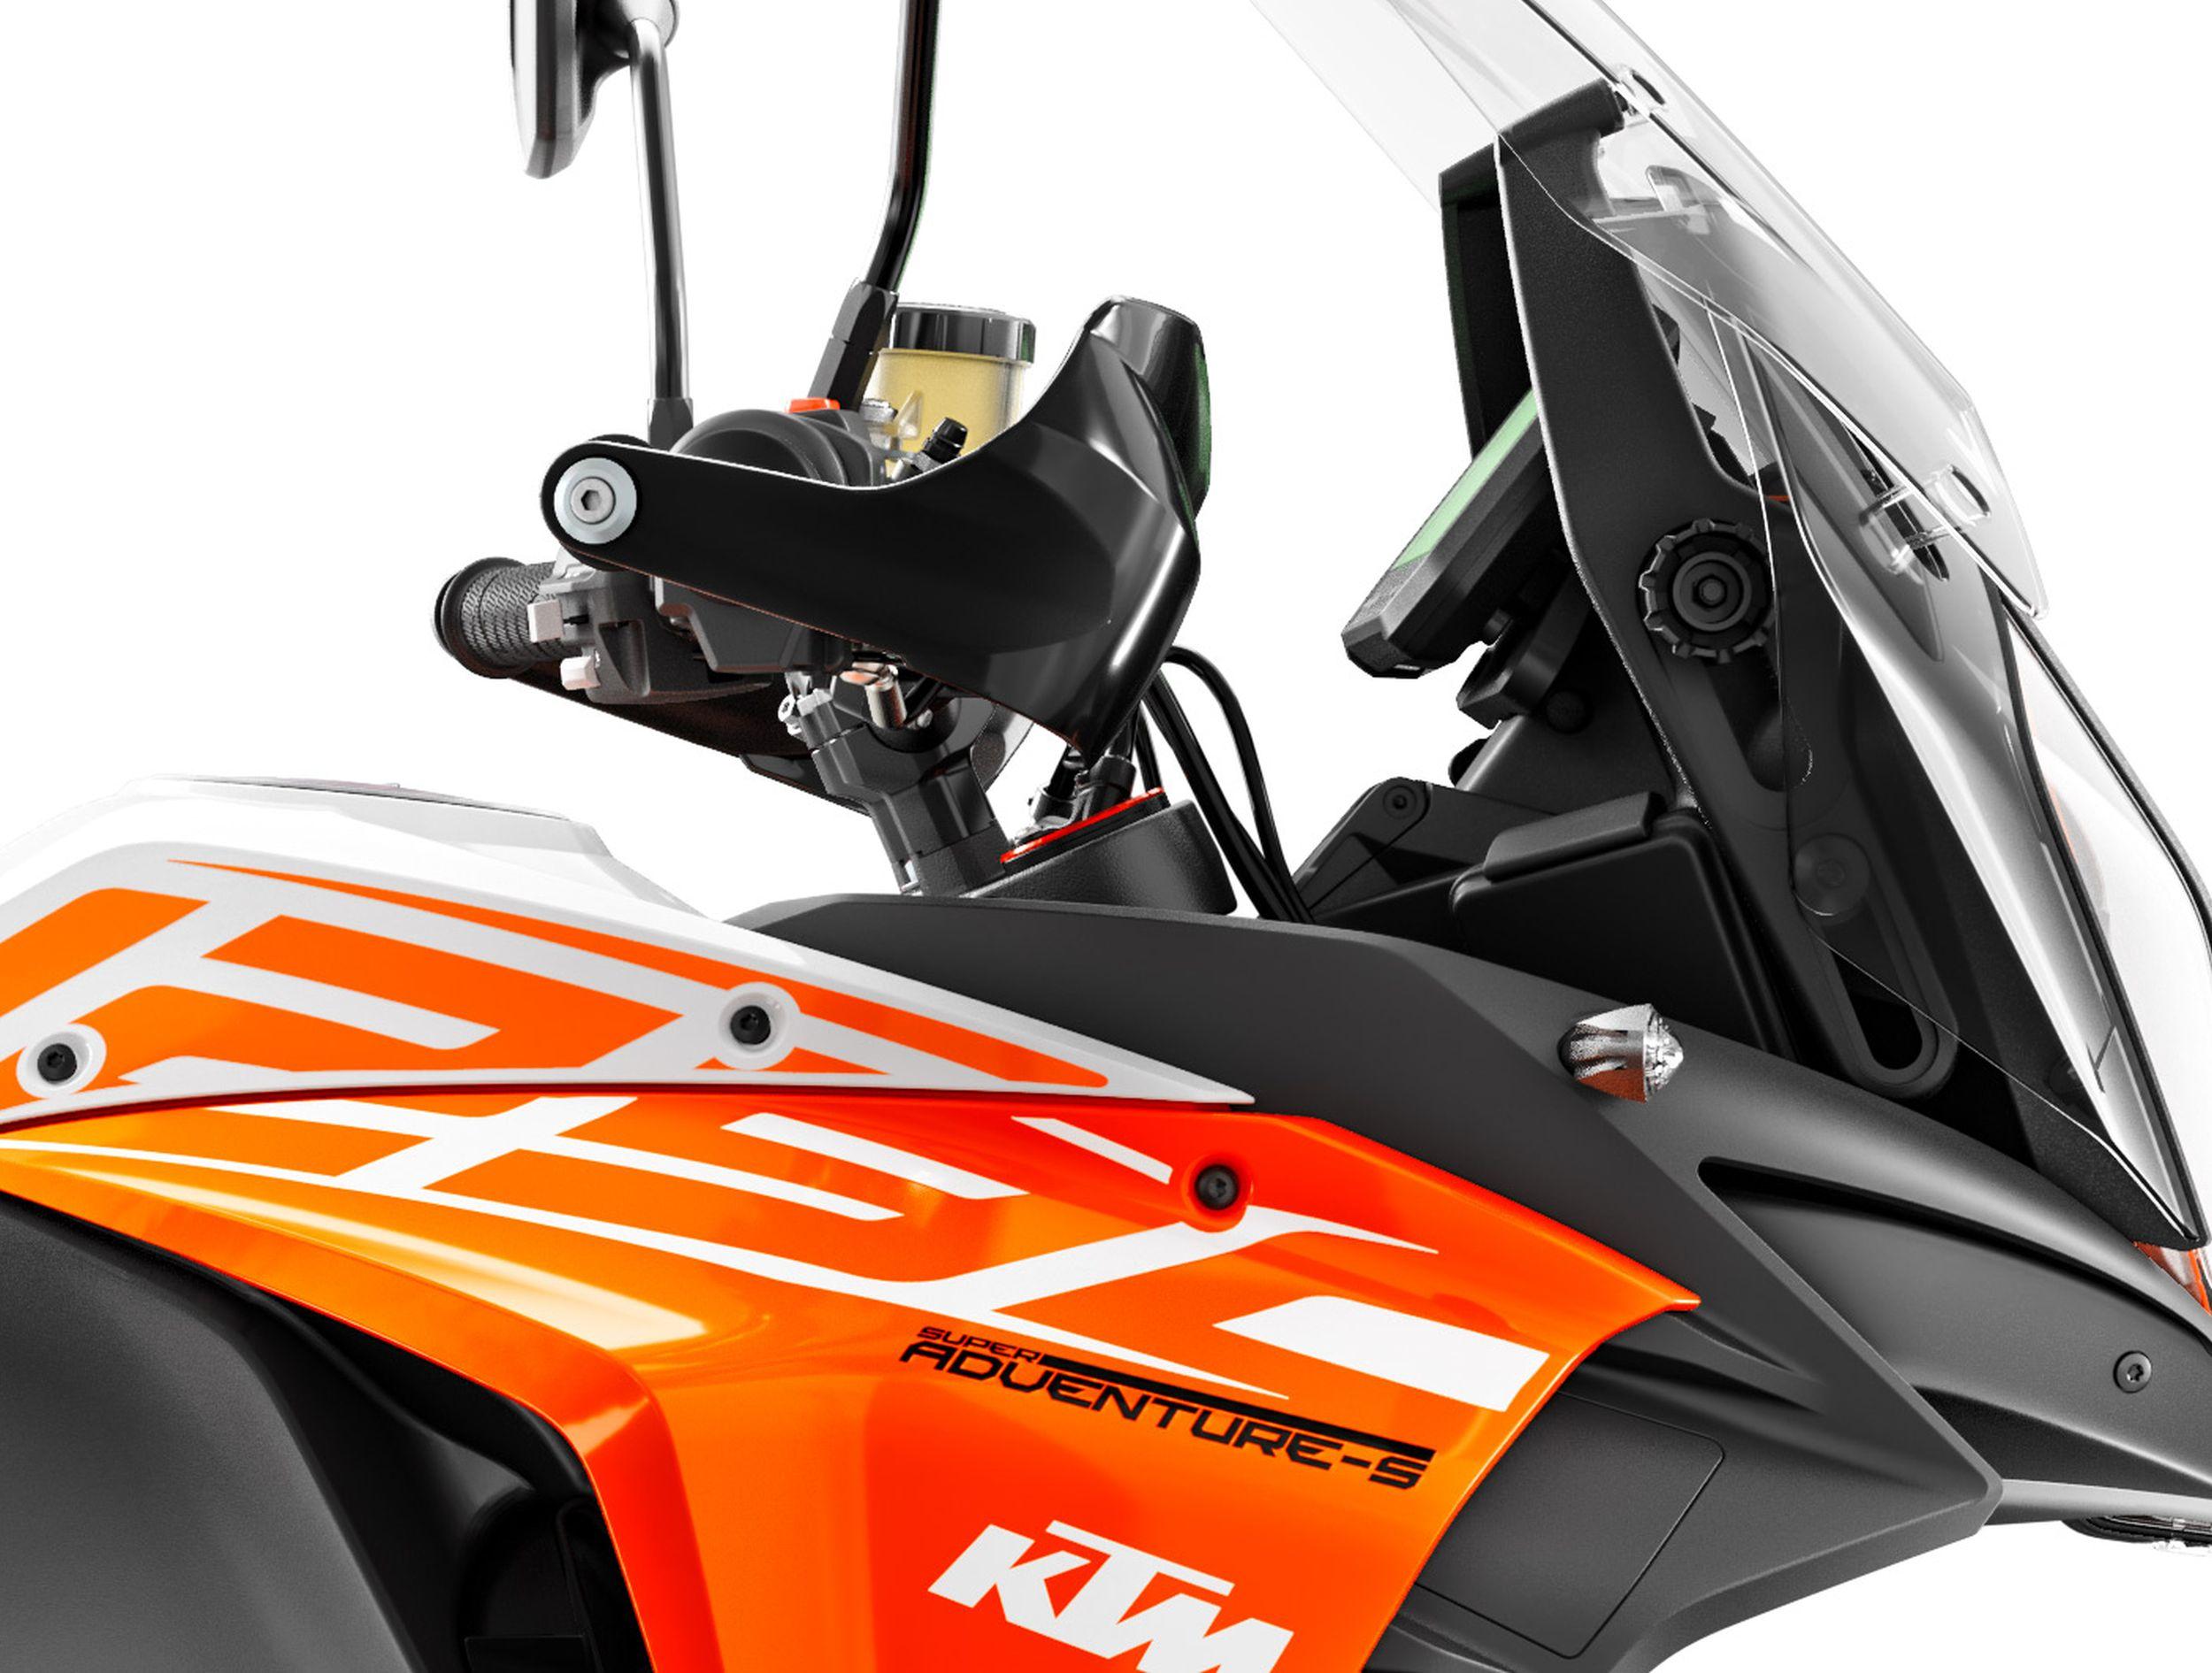 gebrauchte ktm 1290 super adventure s motorr der kaufen. Black Bedroom Furniture Sets. Home Design Ideas